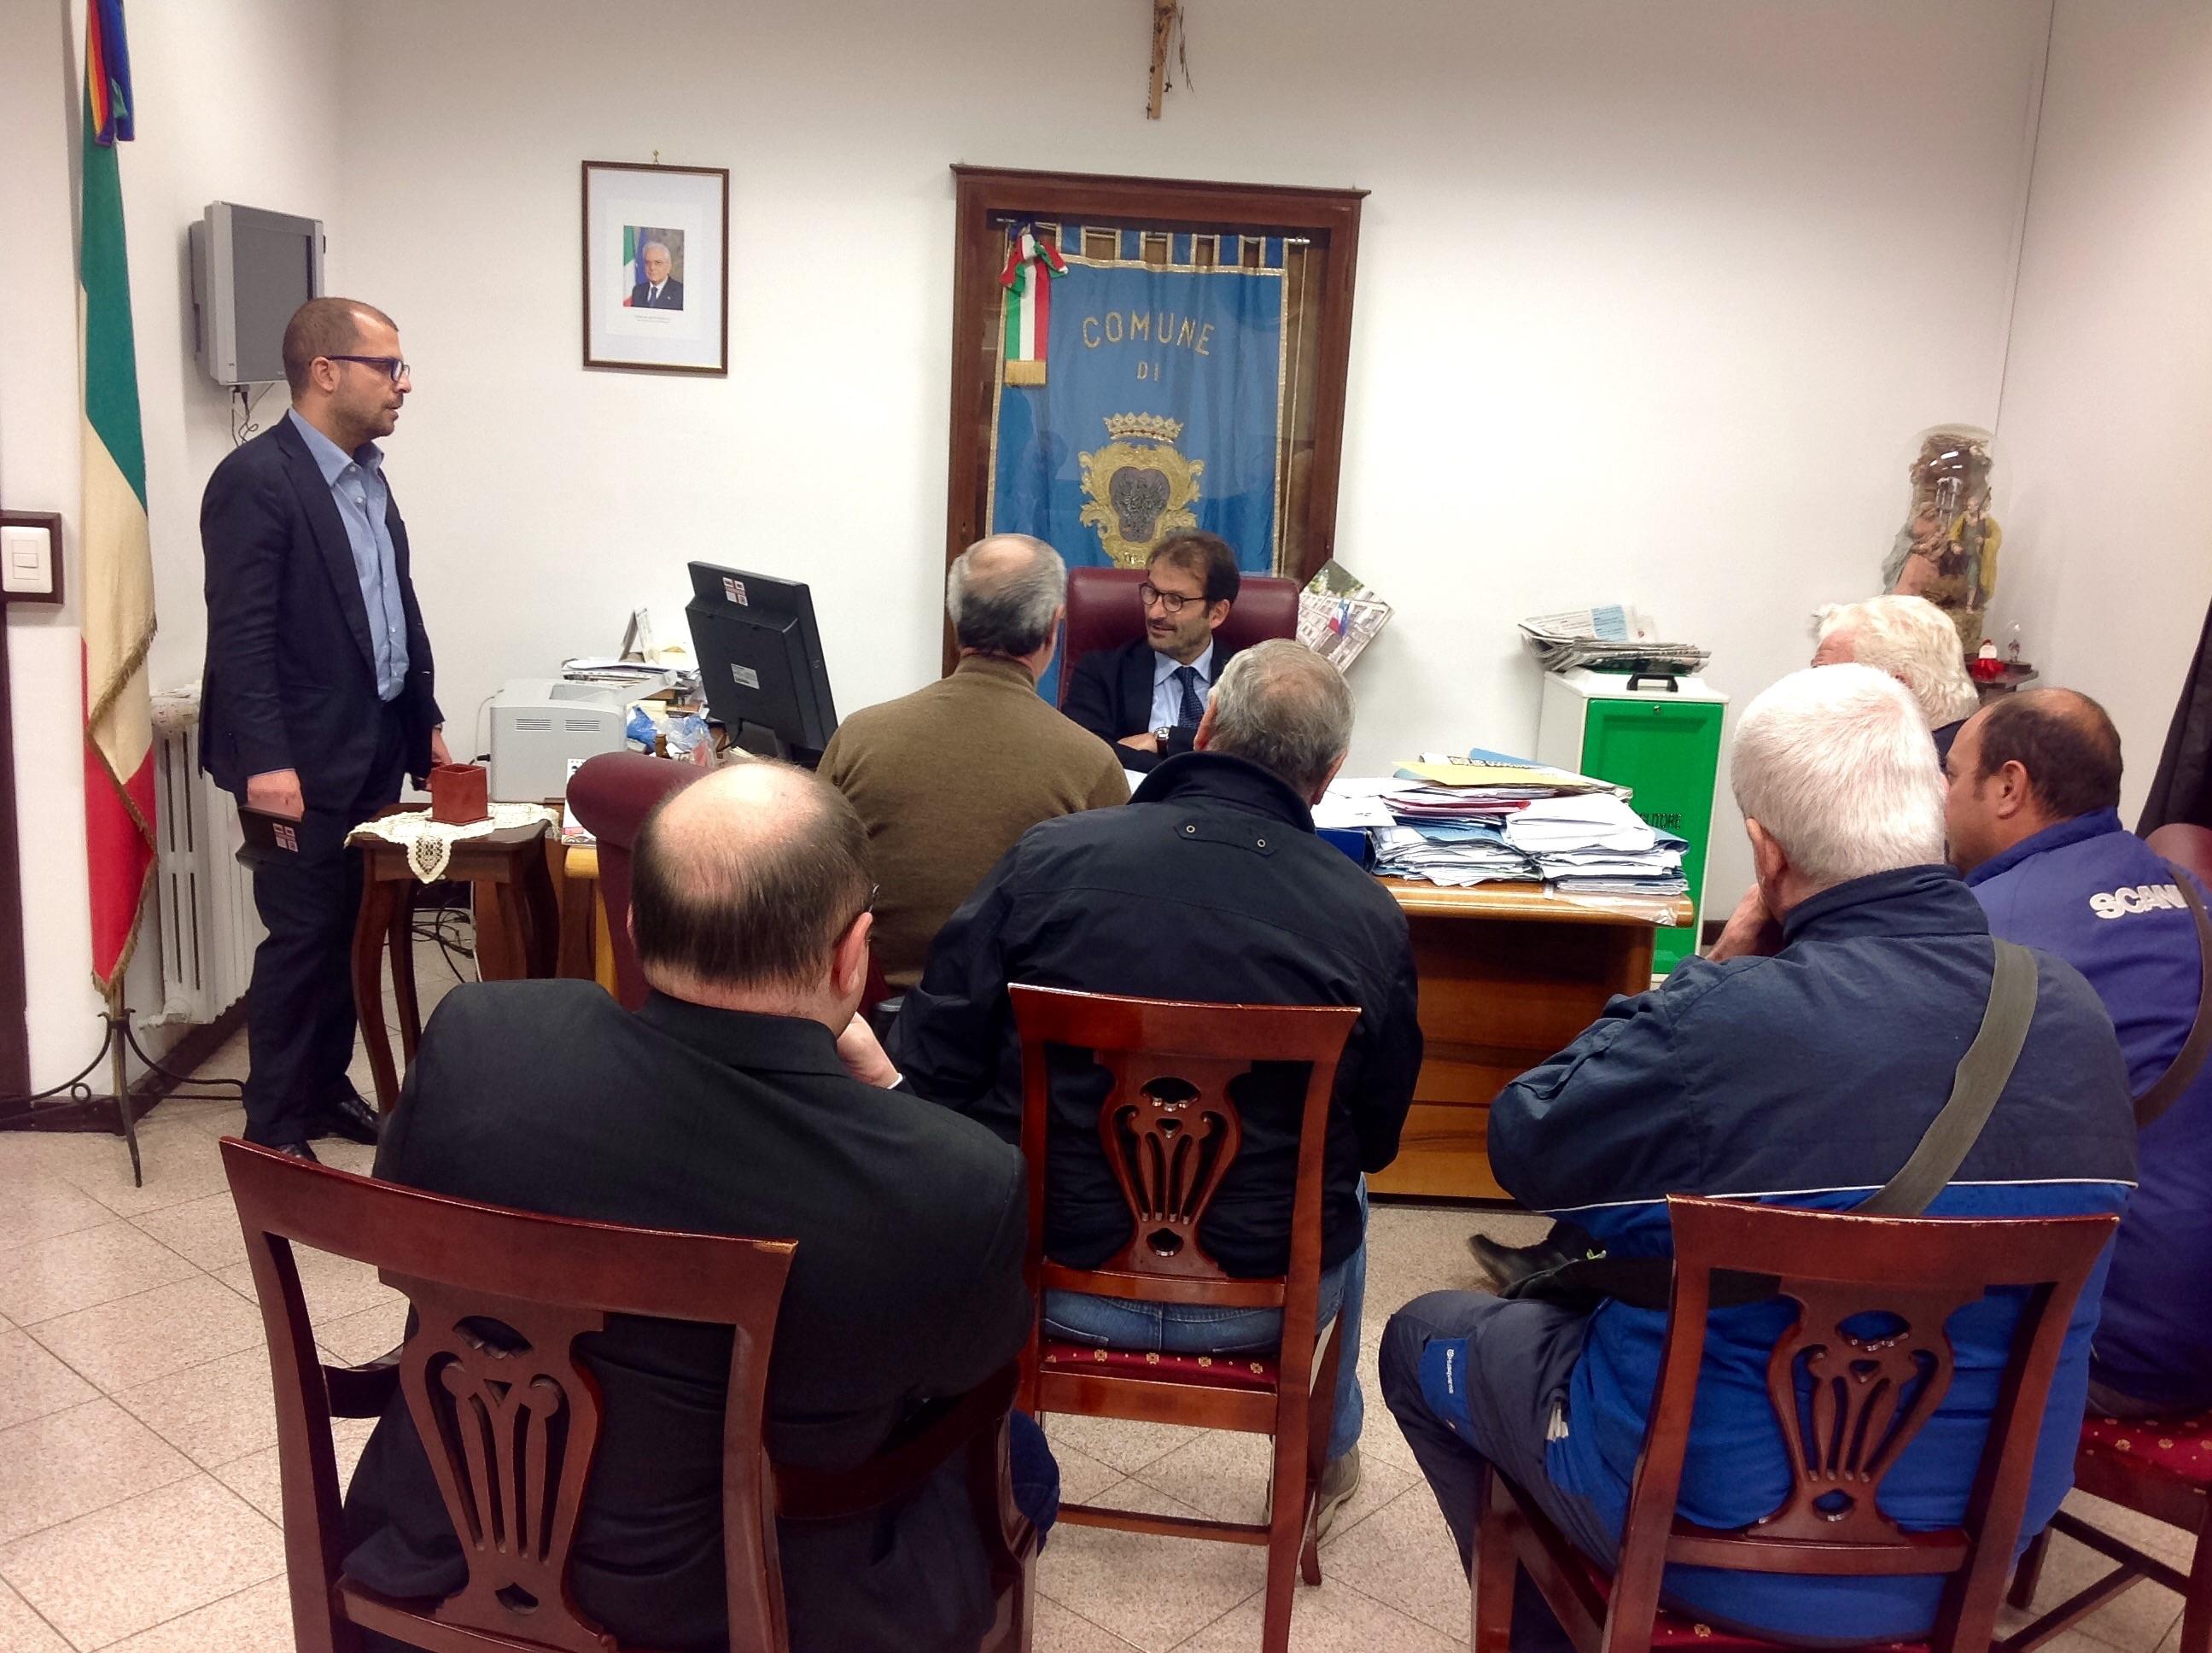 Questione Stadio San Ciro: il sindaco incontra una delegazione di tifosi del Portici 1906